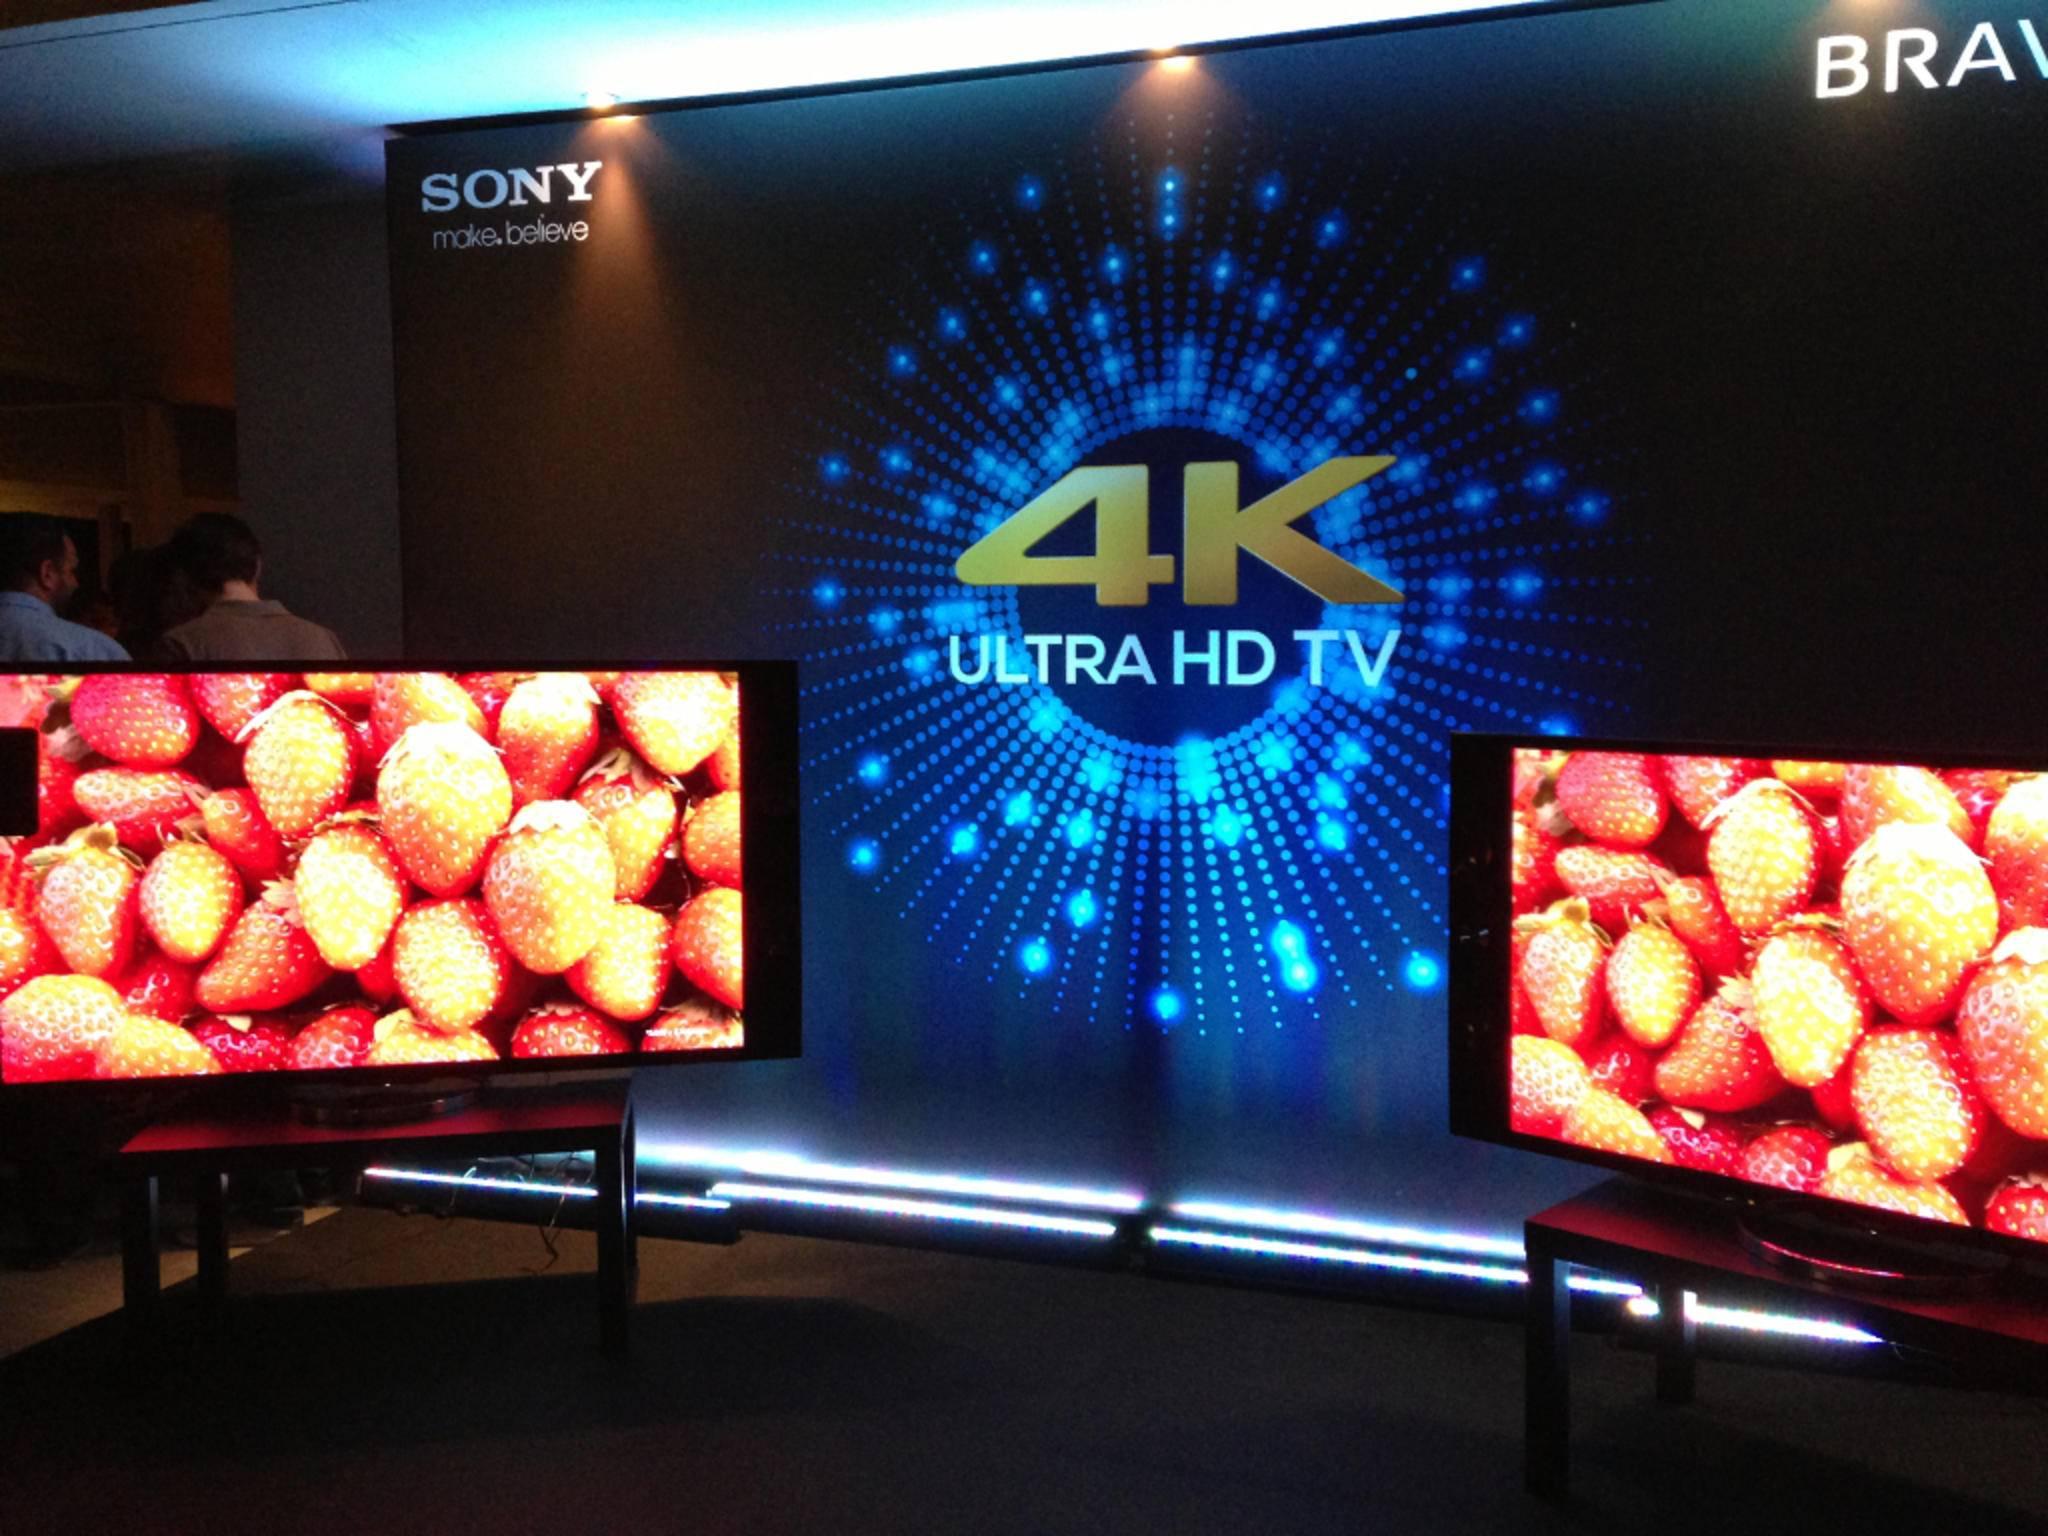 Fernseher mit 4K-Auflösung